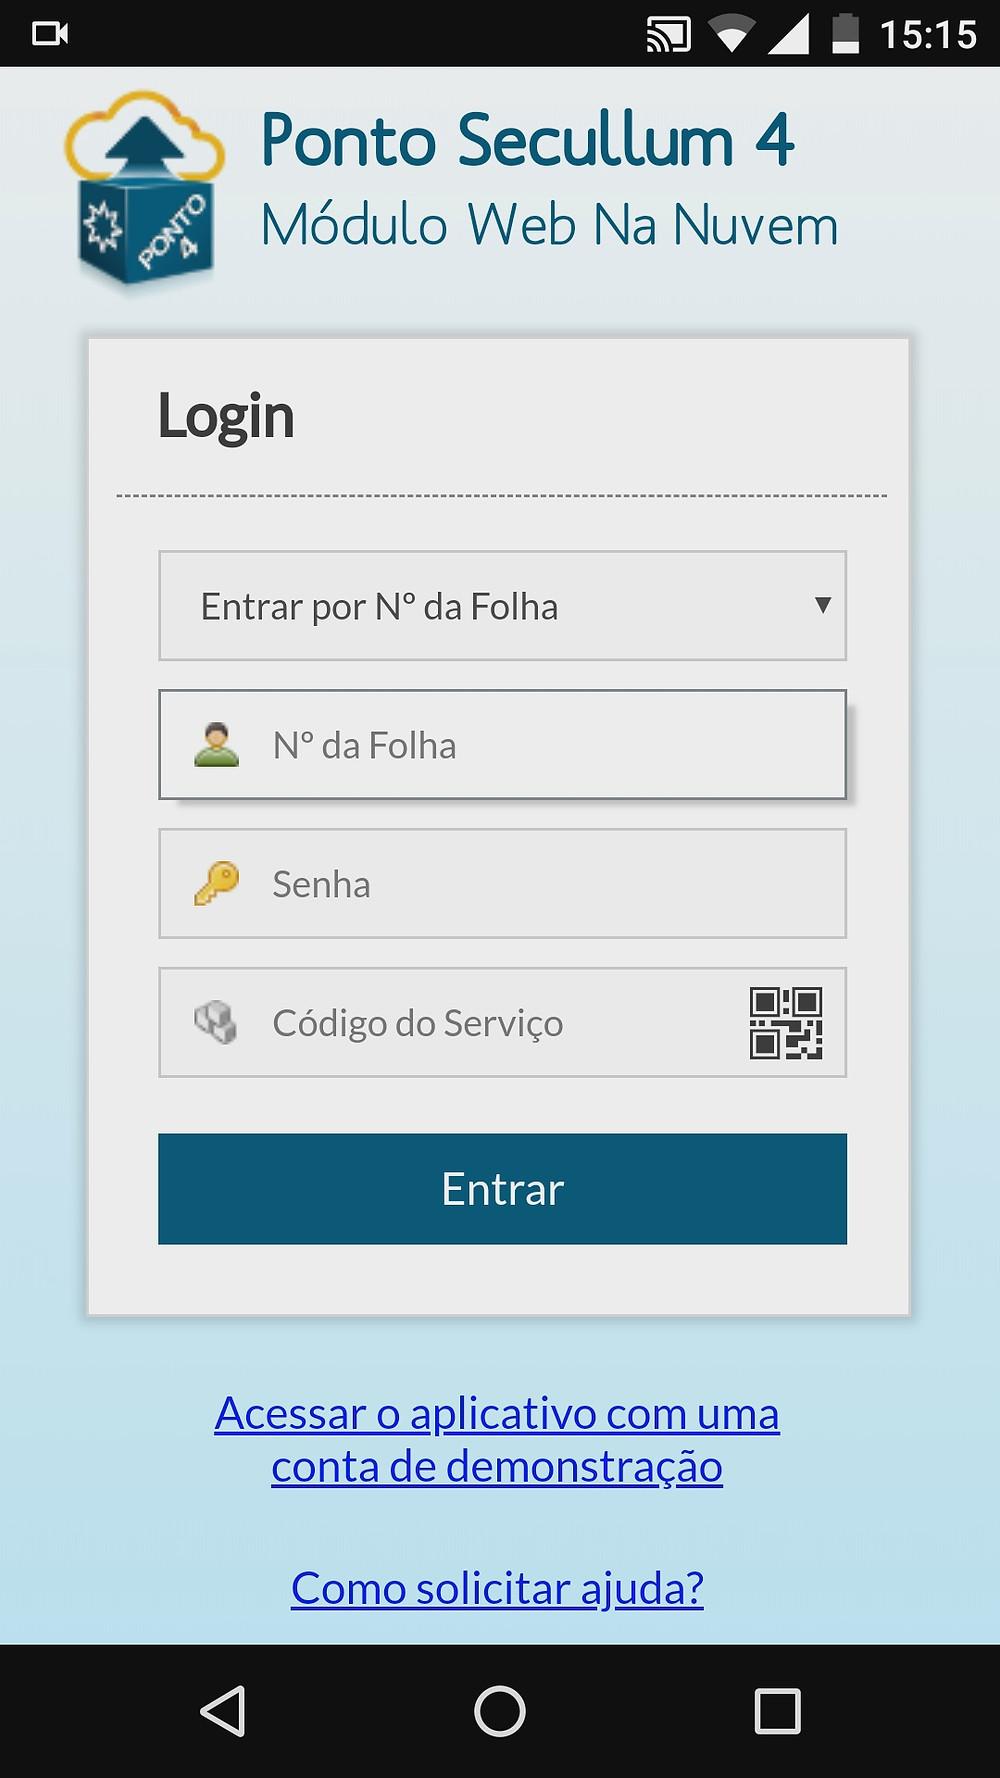 Tela de inserção de credenciais